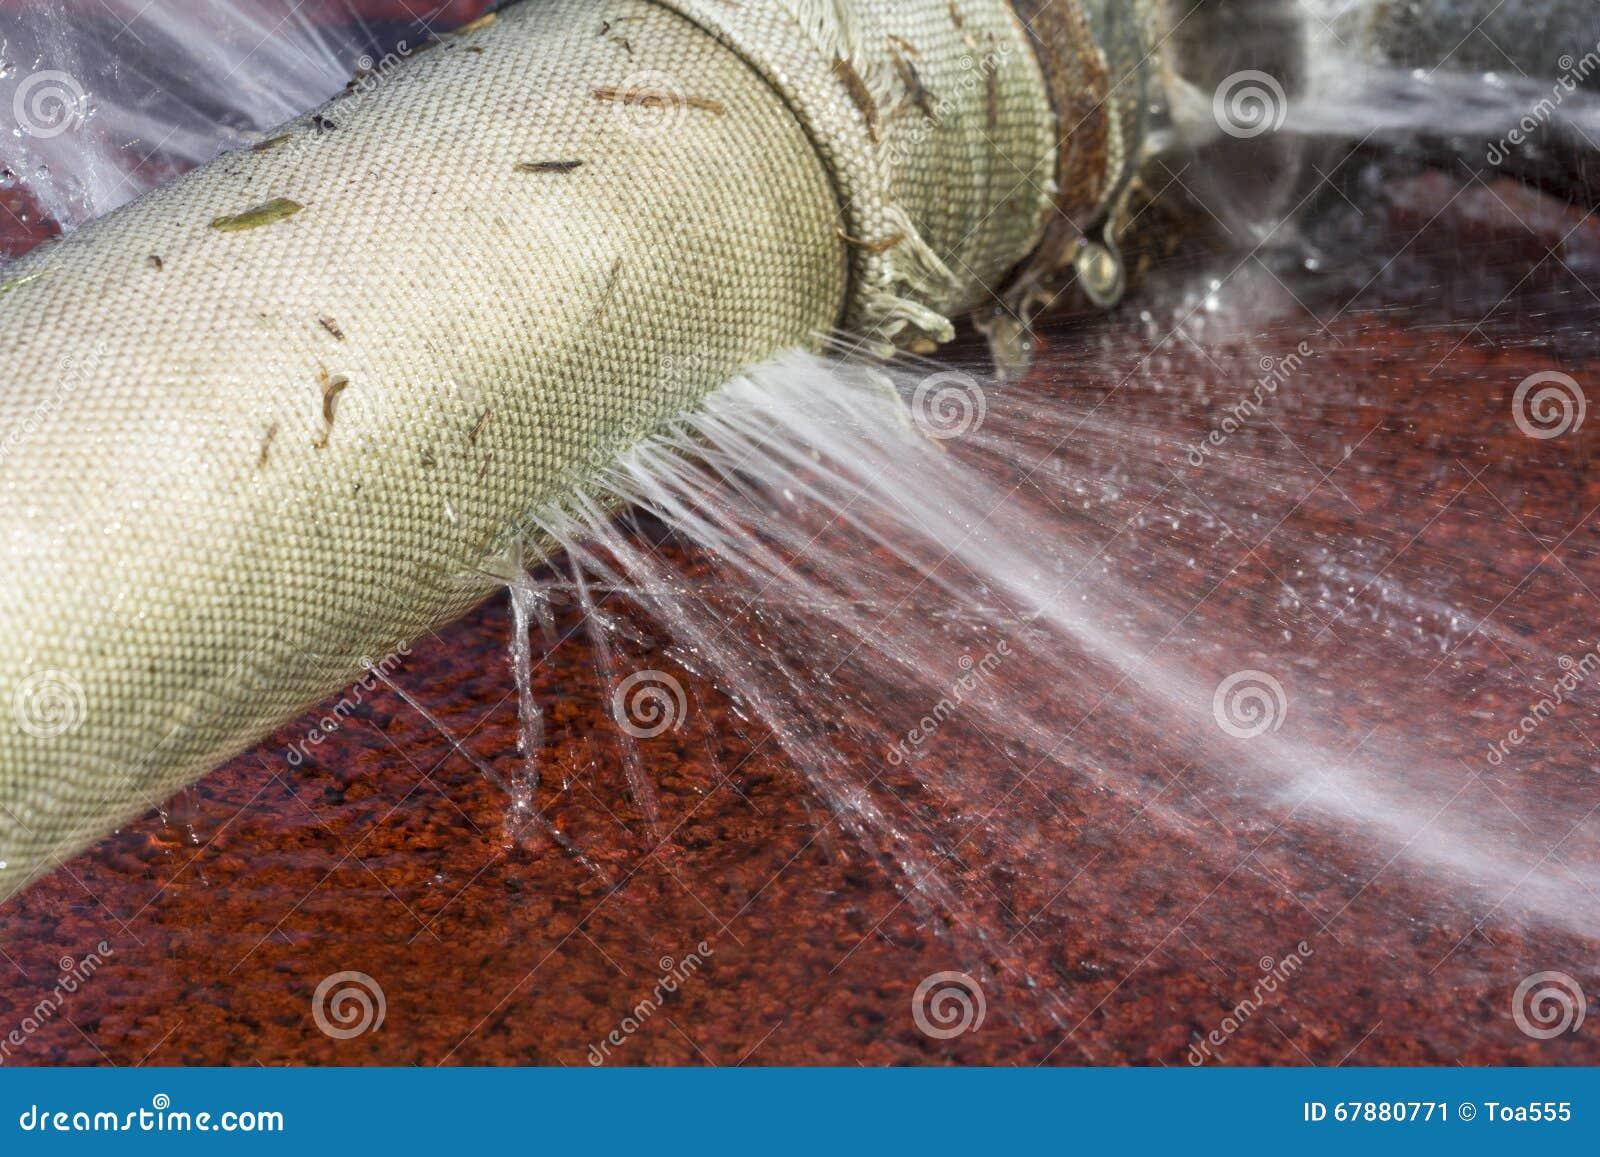 Νερό που διαρρέει από την τρύπα σε μια μάνικα